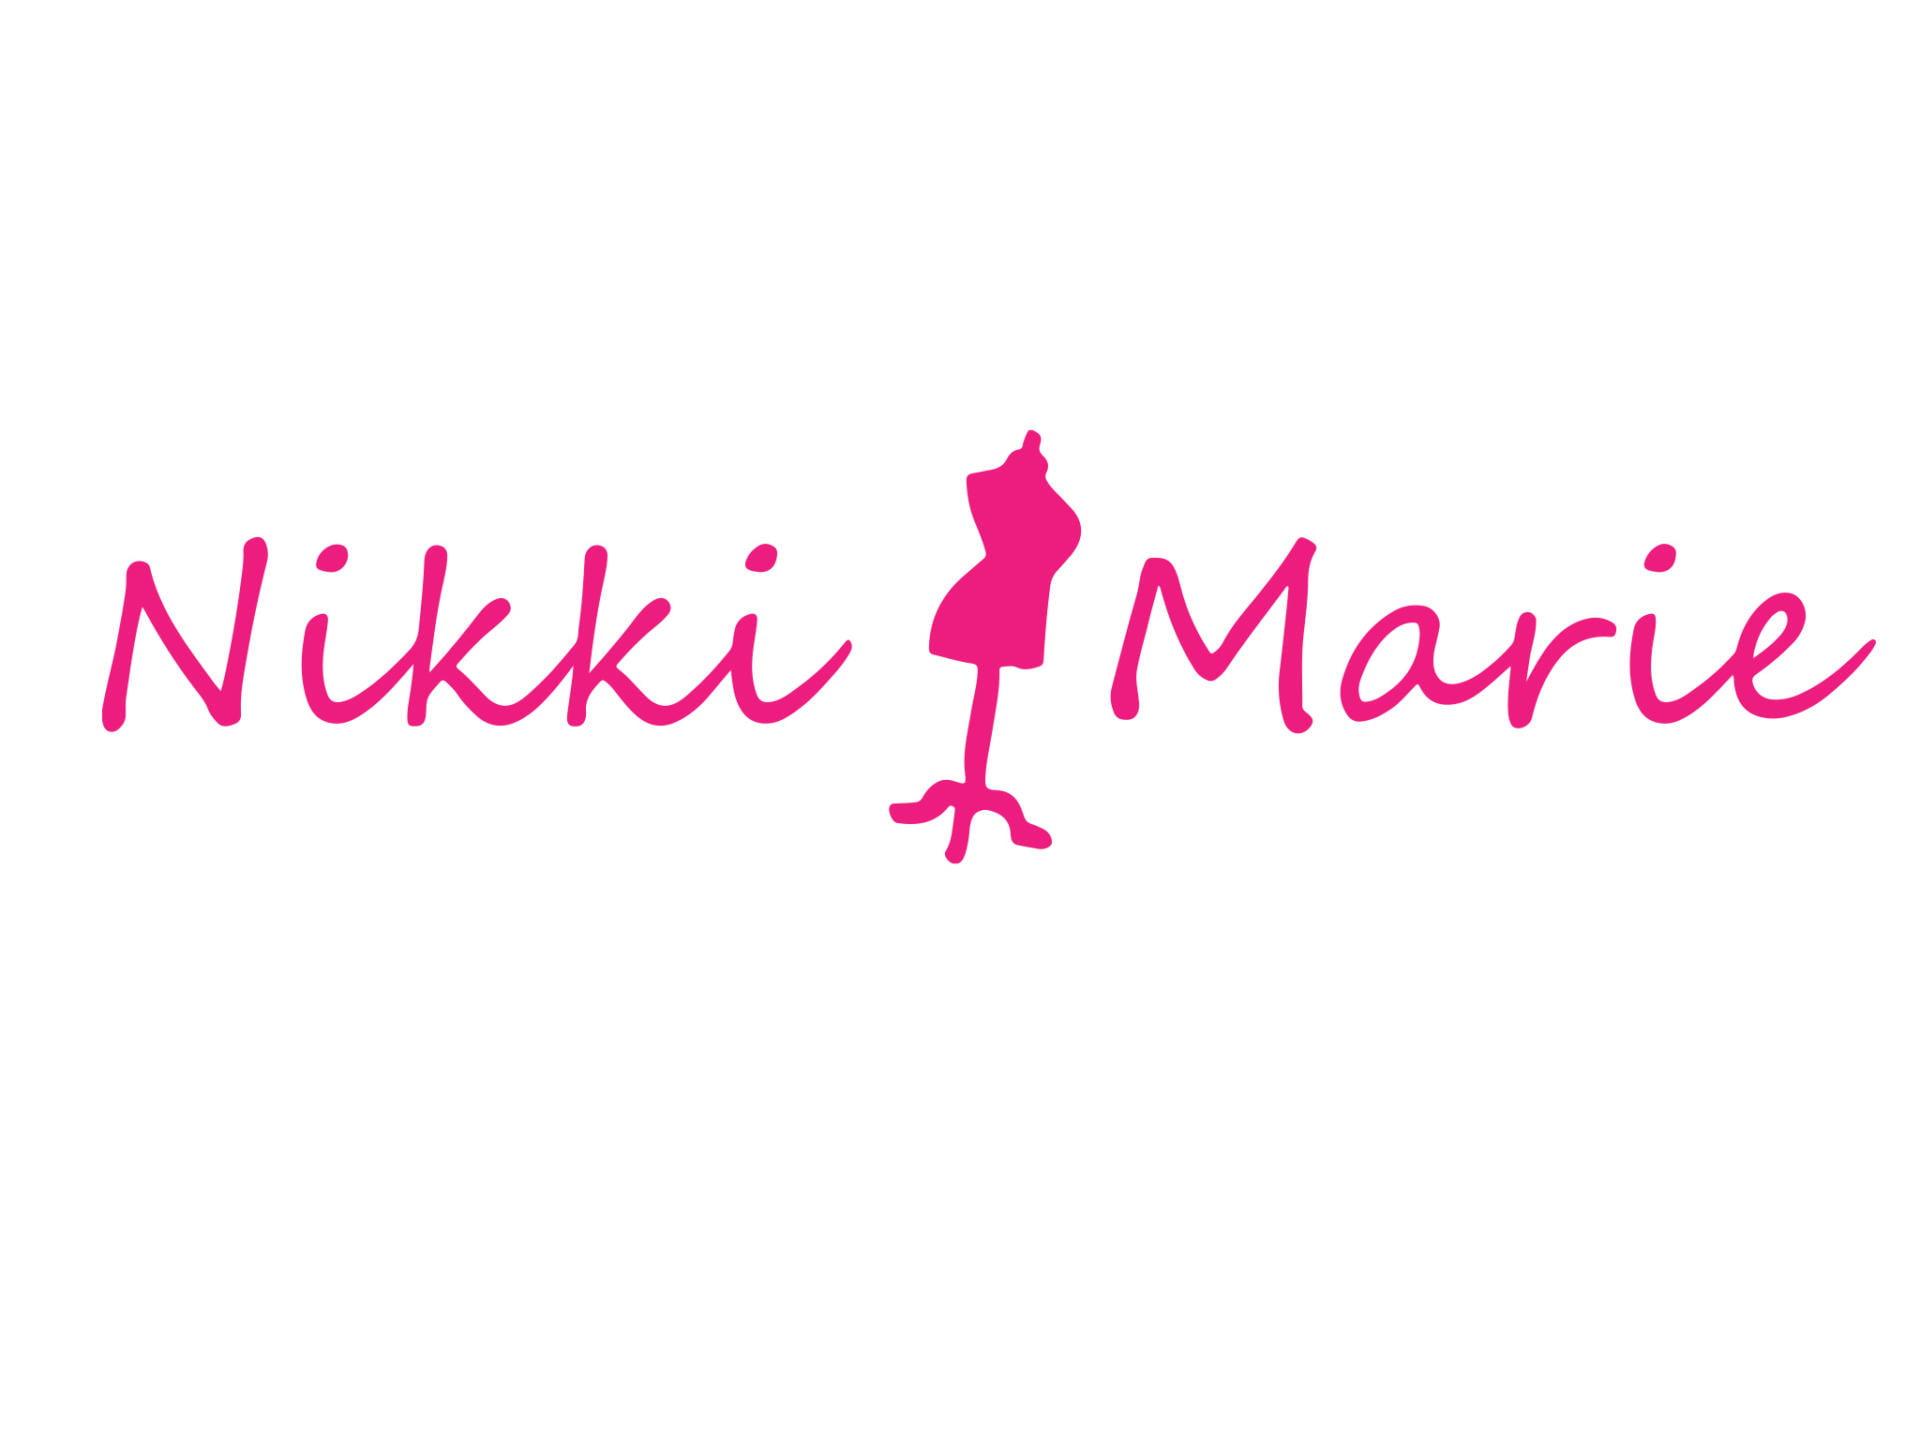 Nikki Marie